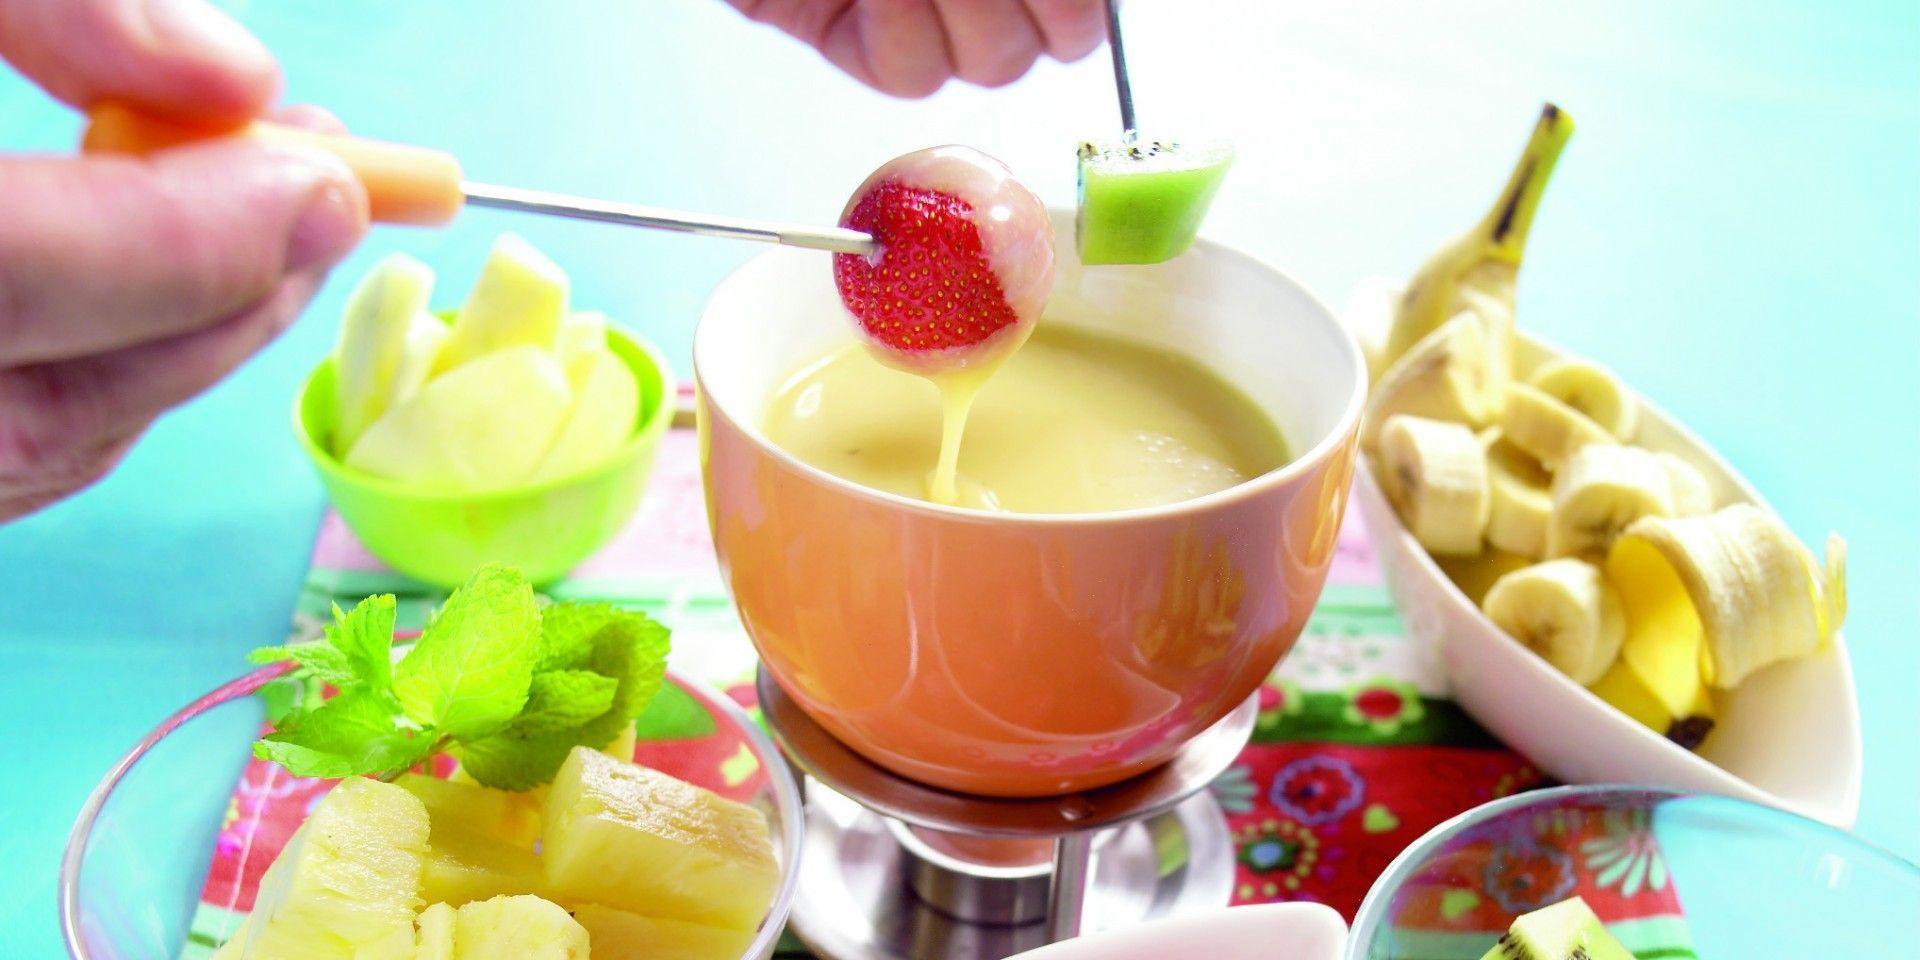 Hak Of Breek De Chocolade In Kleine Stukjes Verwarm De Melk Au Bain Marie Laat De Chocolade Al Roerend In De Melk Smelten Chocoladefondue Voedsel Ideeen Eten